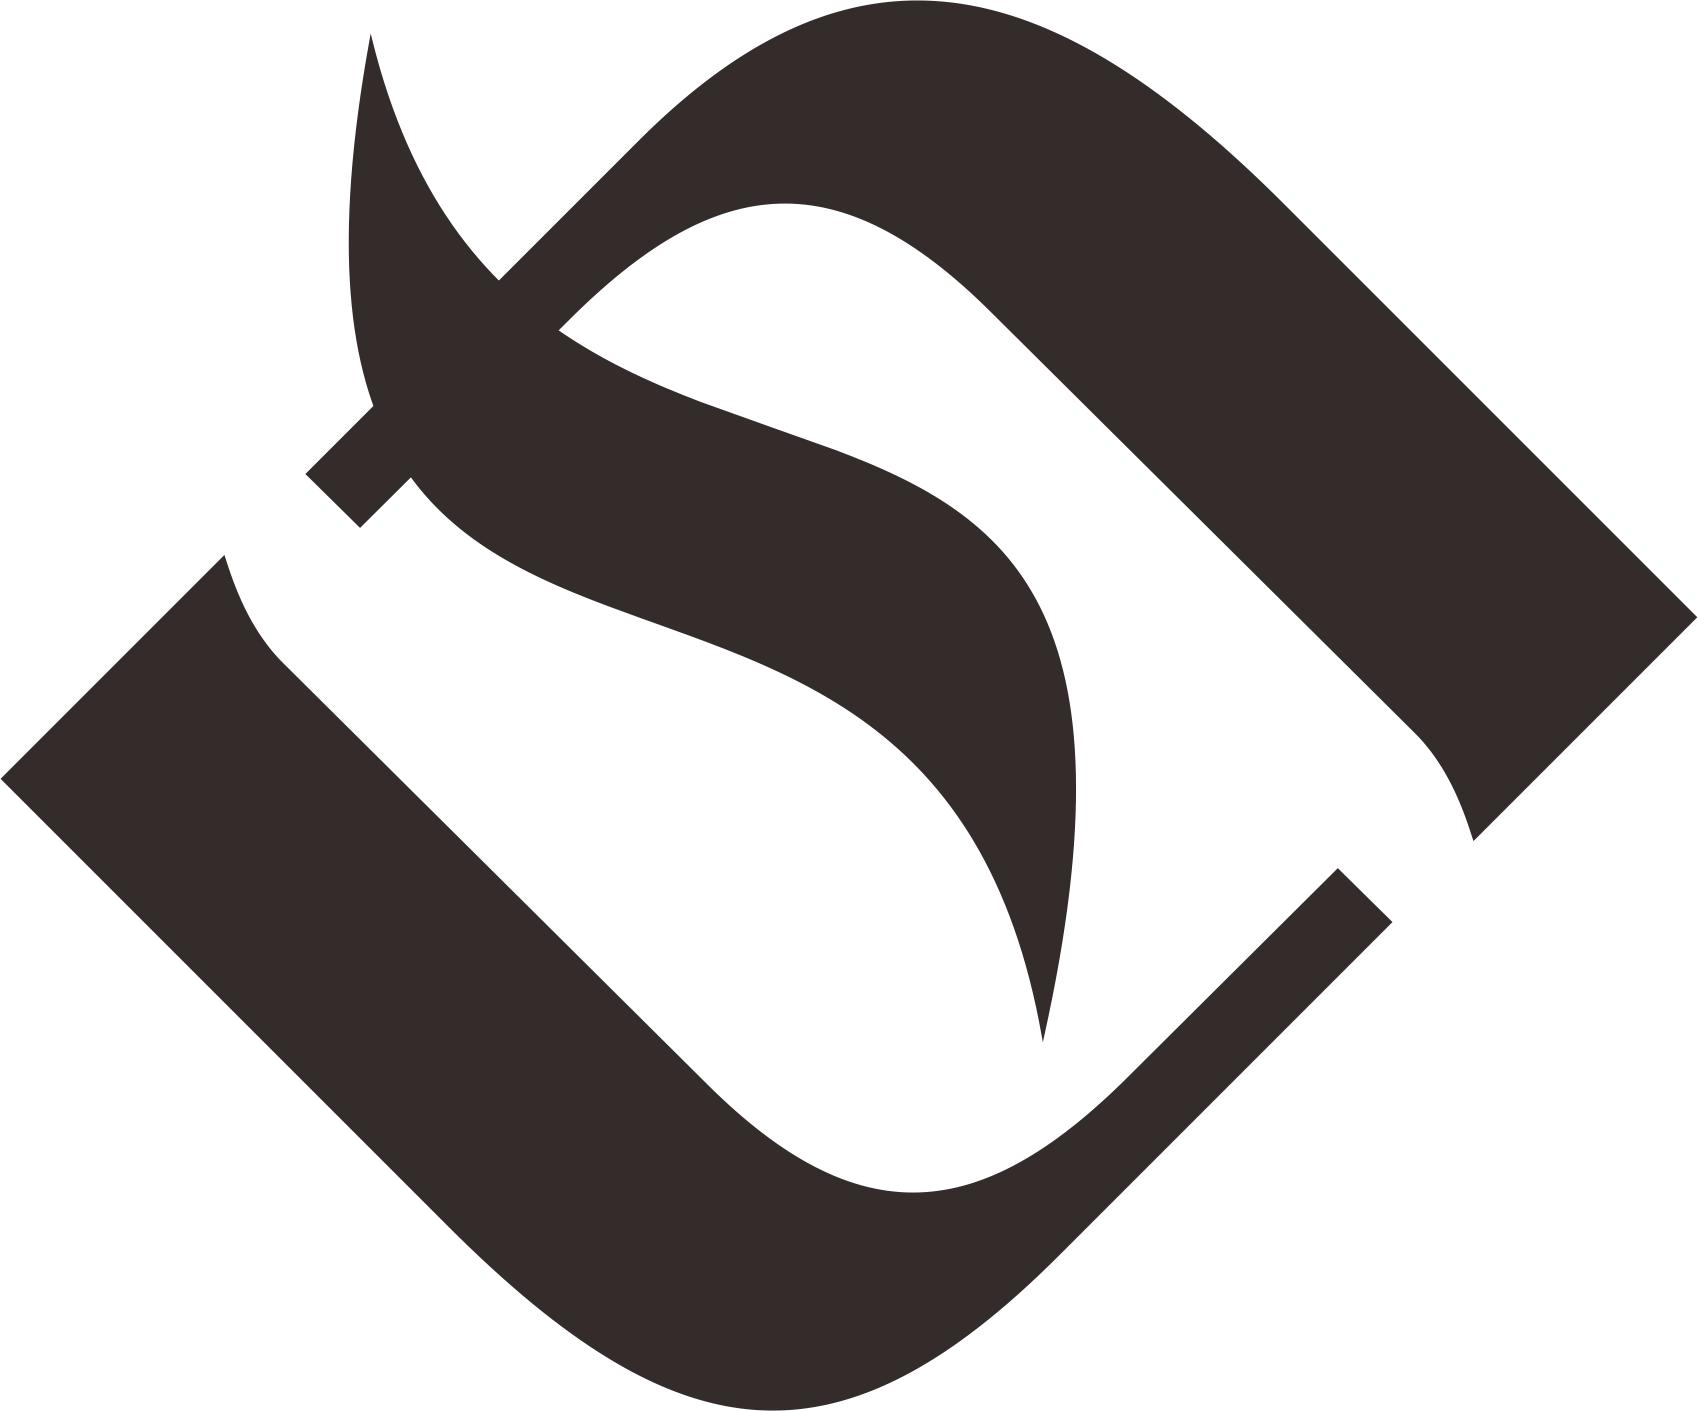 台州立悦计算机有限公司